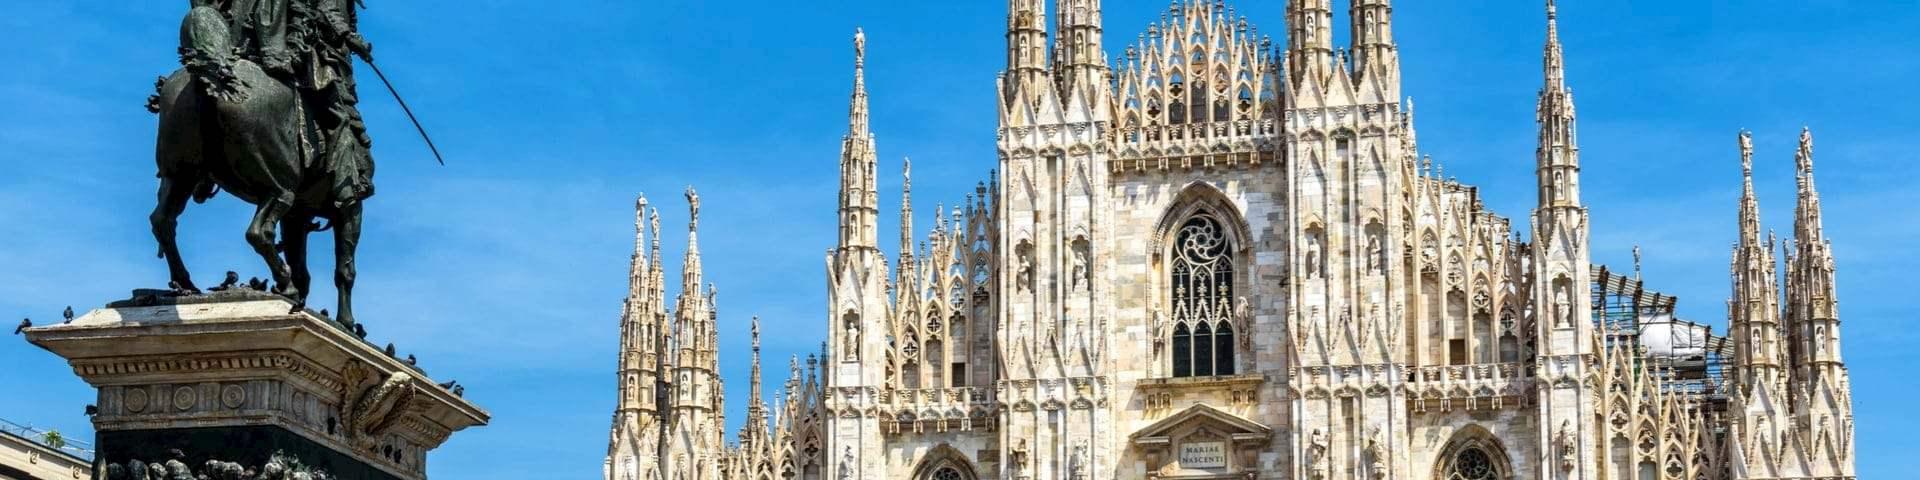 Milan Cathedral Tours